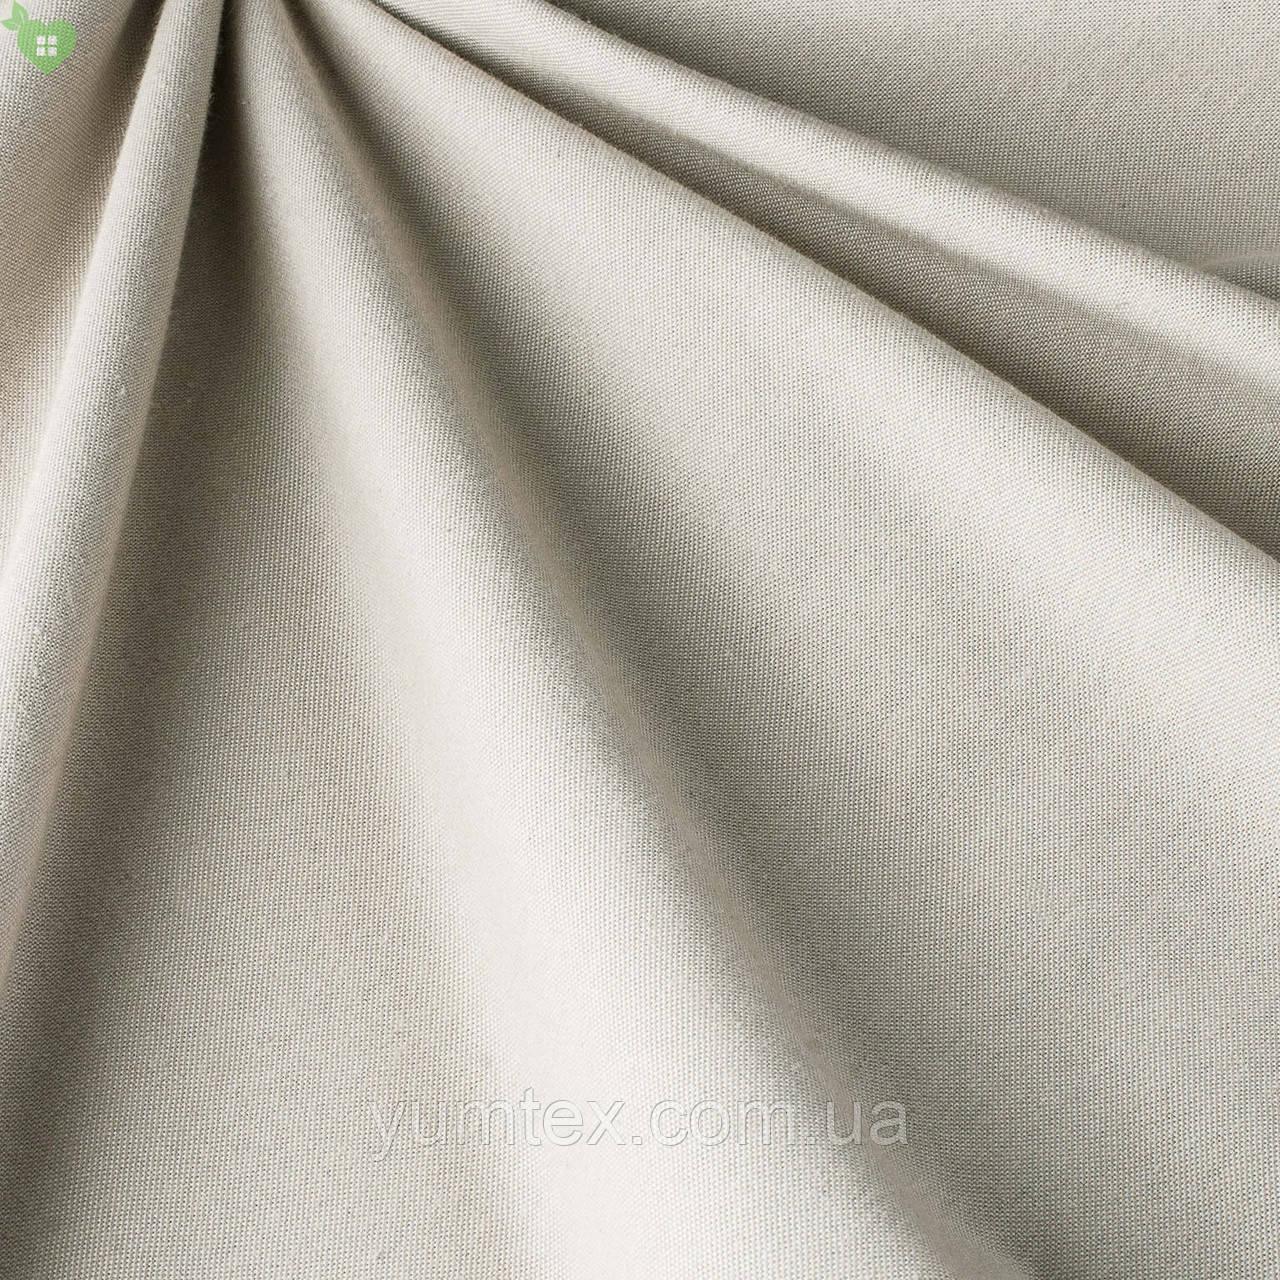 Однотонная декоративная ткань Лонета бежевая